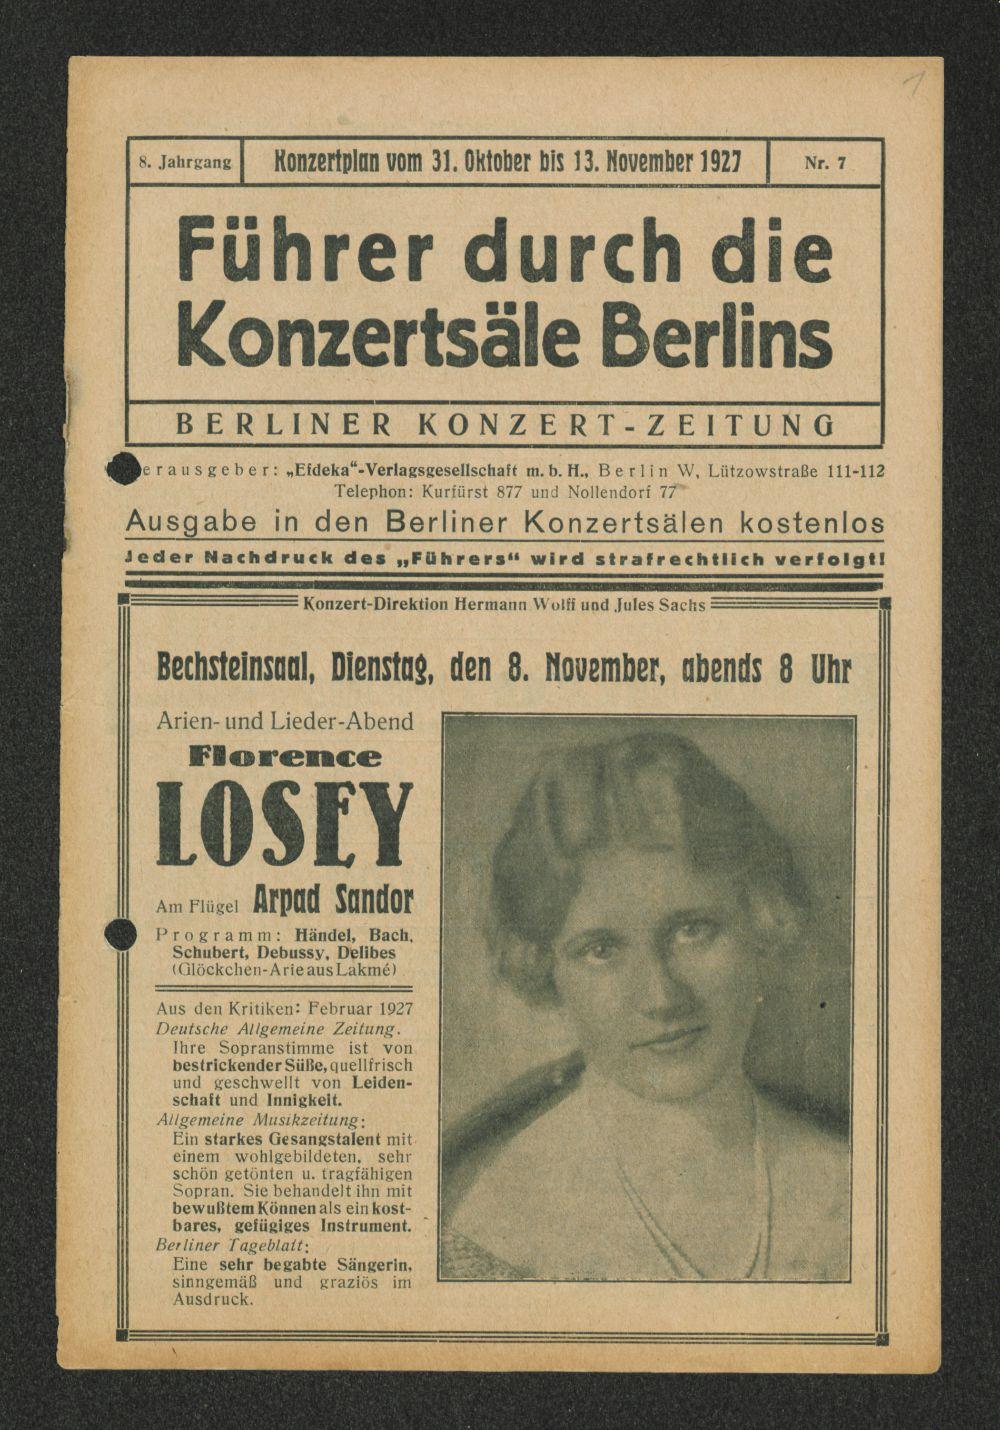 Kulturspiegel: Arien